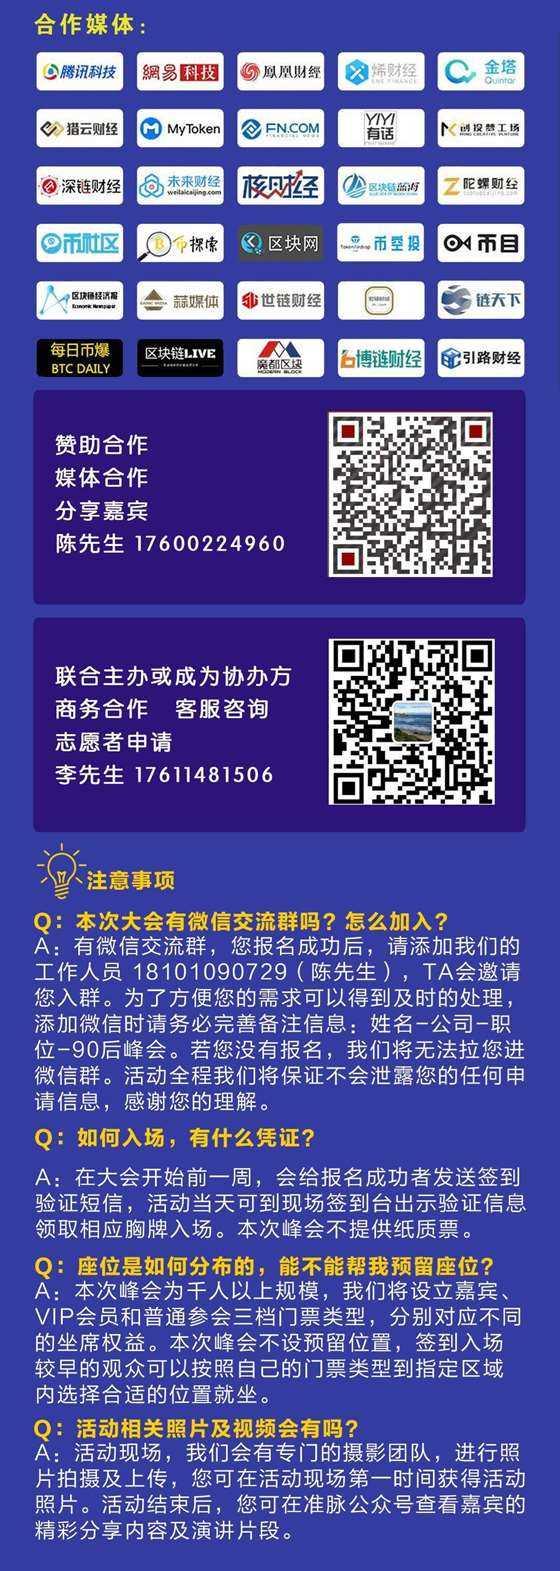 微信图片_20180517221333.jpg